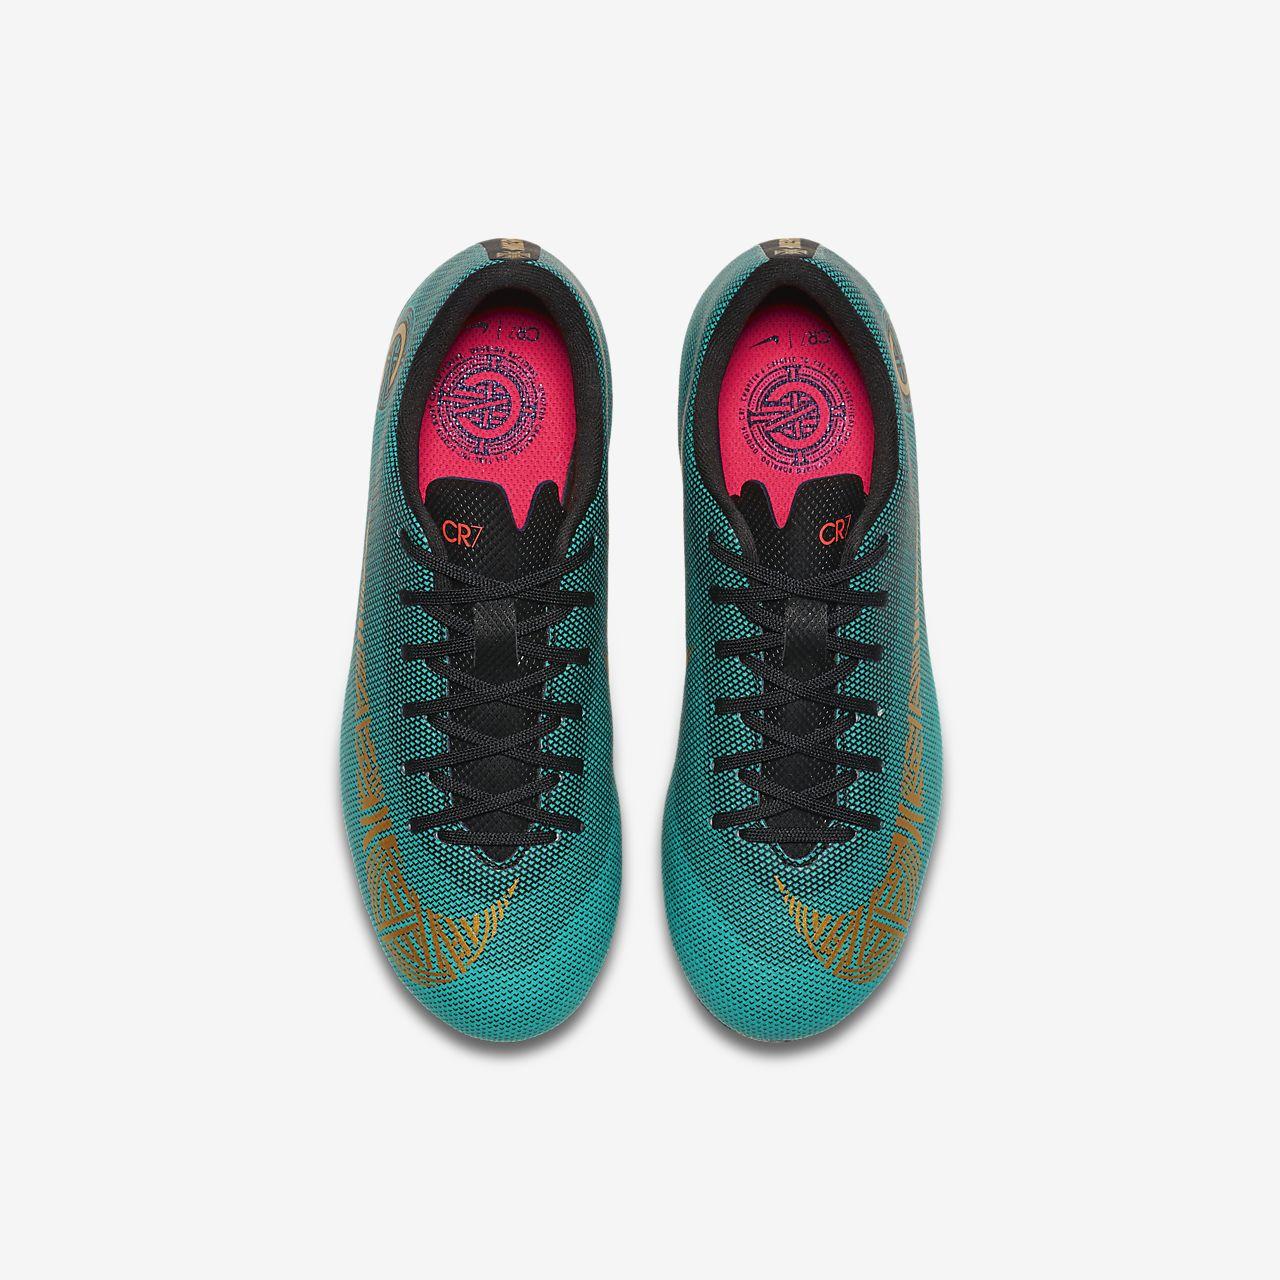 Nike xii xii cr7 voltagebd Gallery